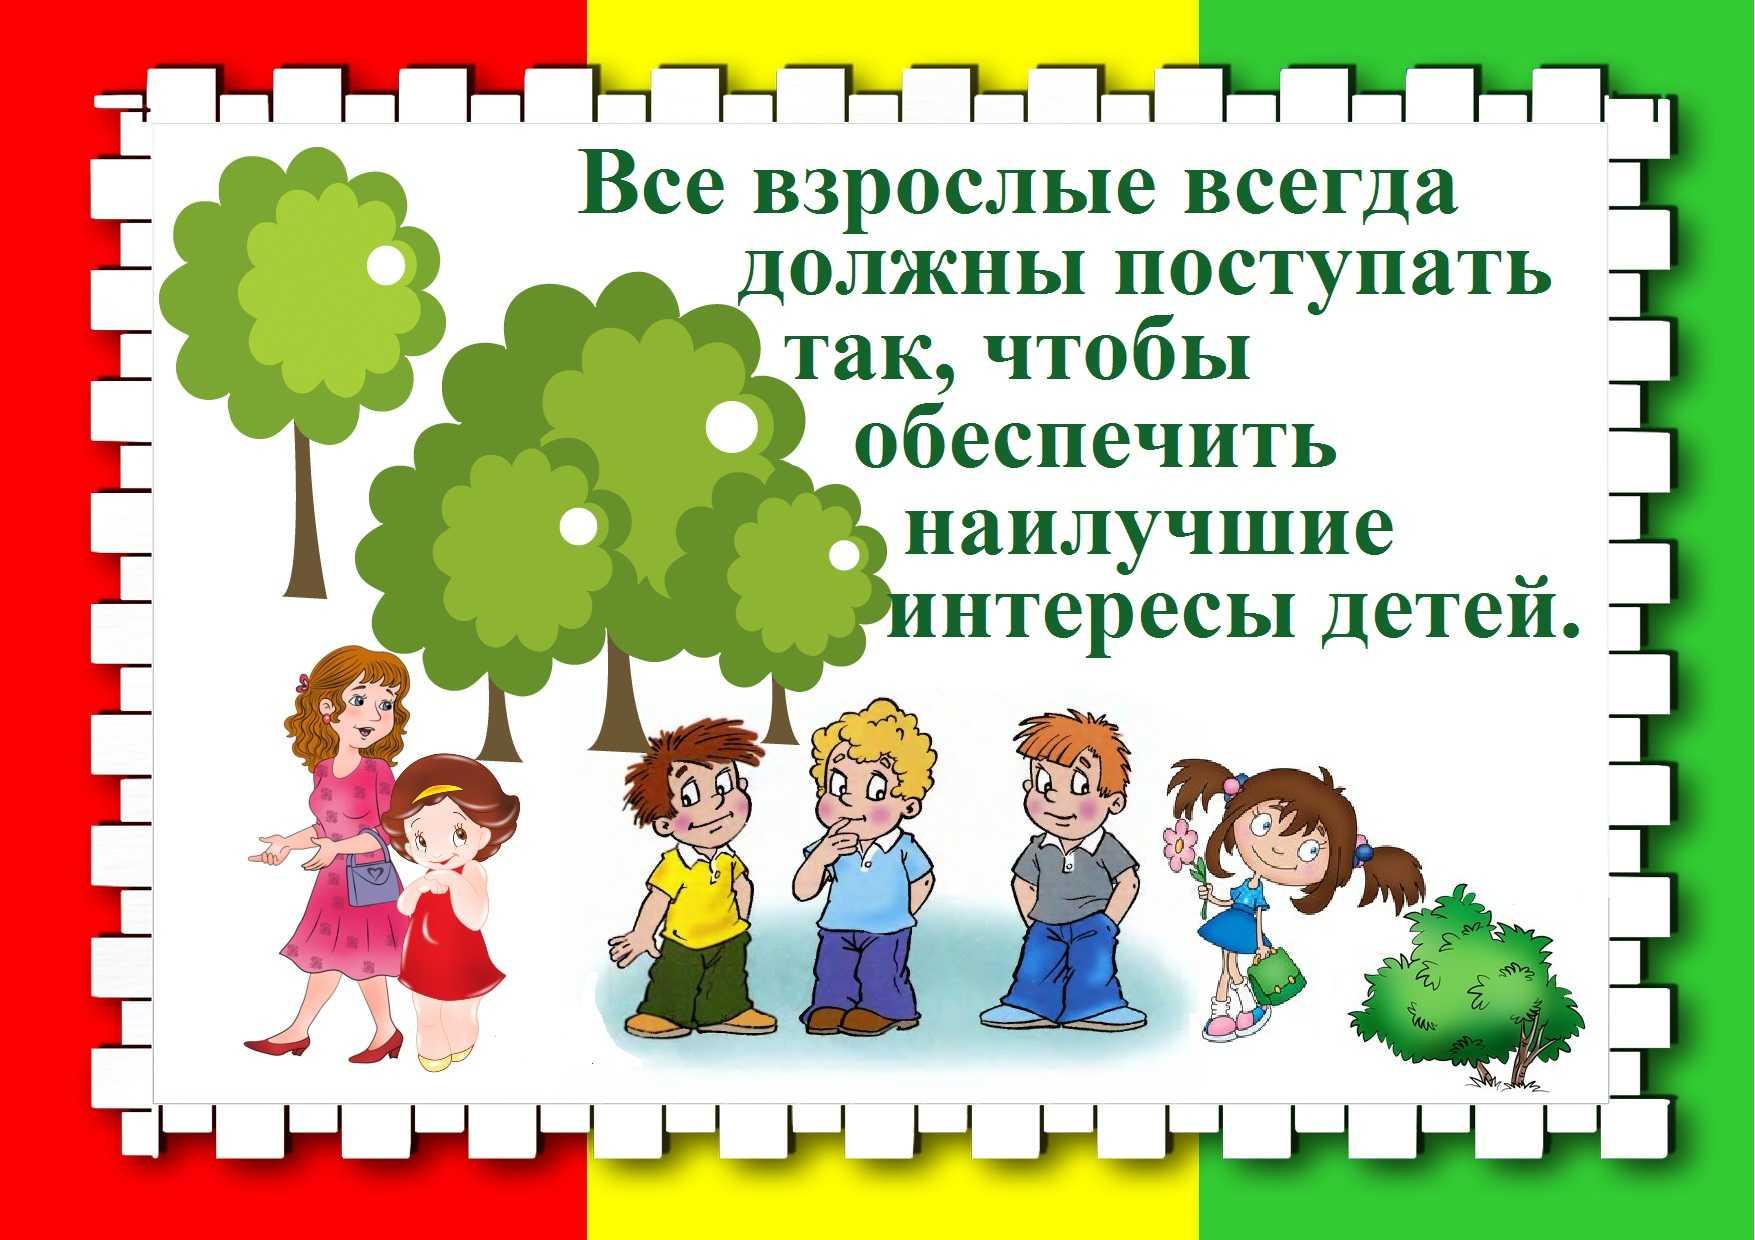 Цитаты об увлечениях детей